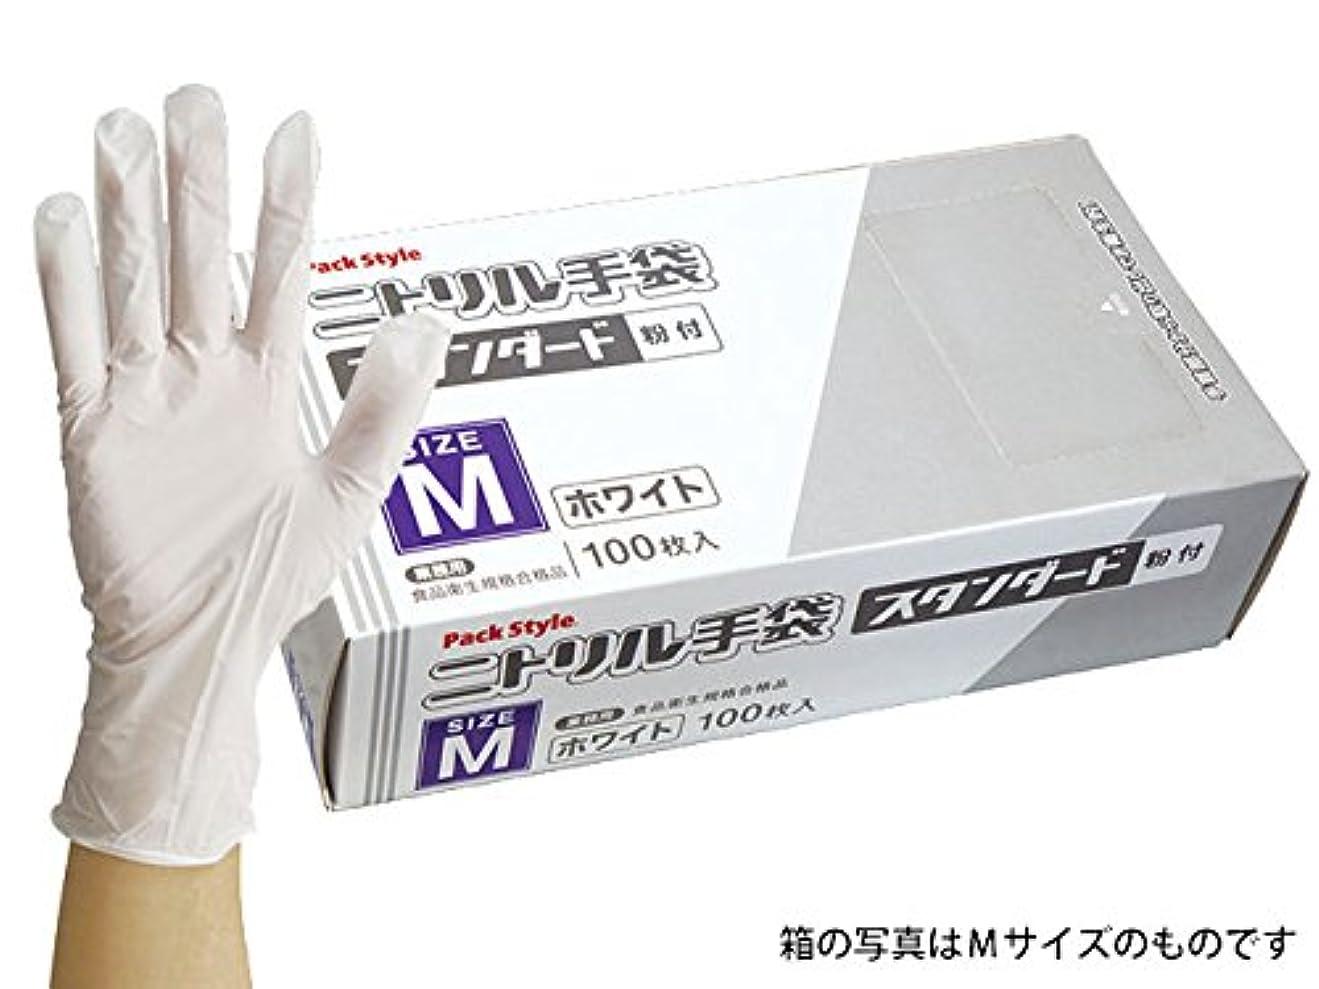 ながら快適同封するパックスタイル 業務用 使い捨て ニトリル手袋 スタンダード 白?粉付 S 3000枚 00531606